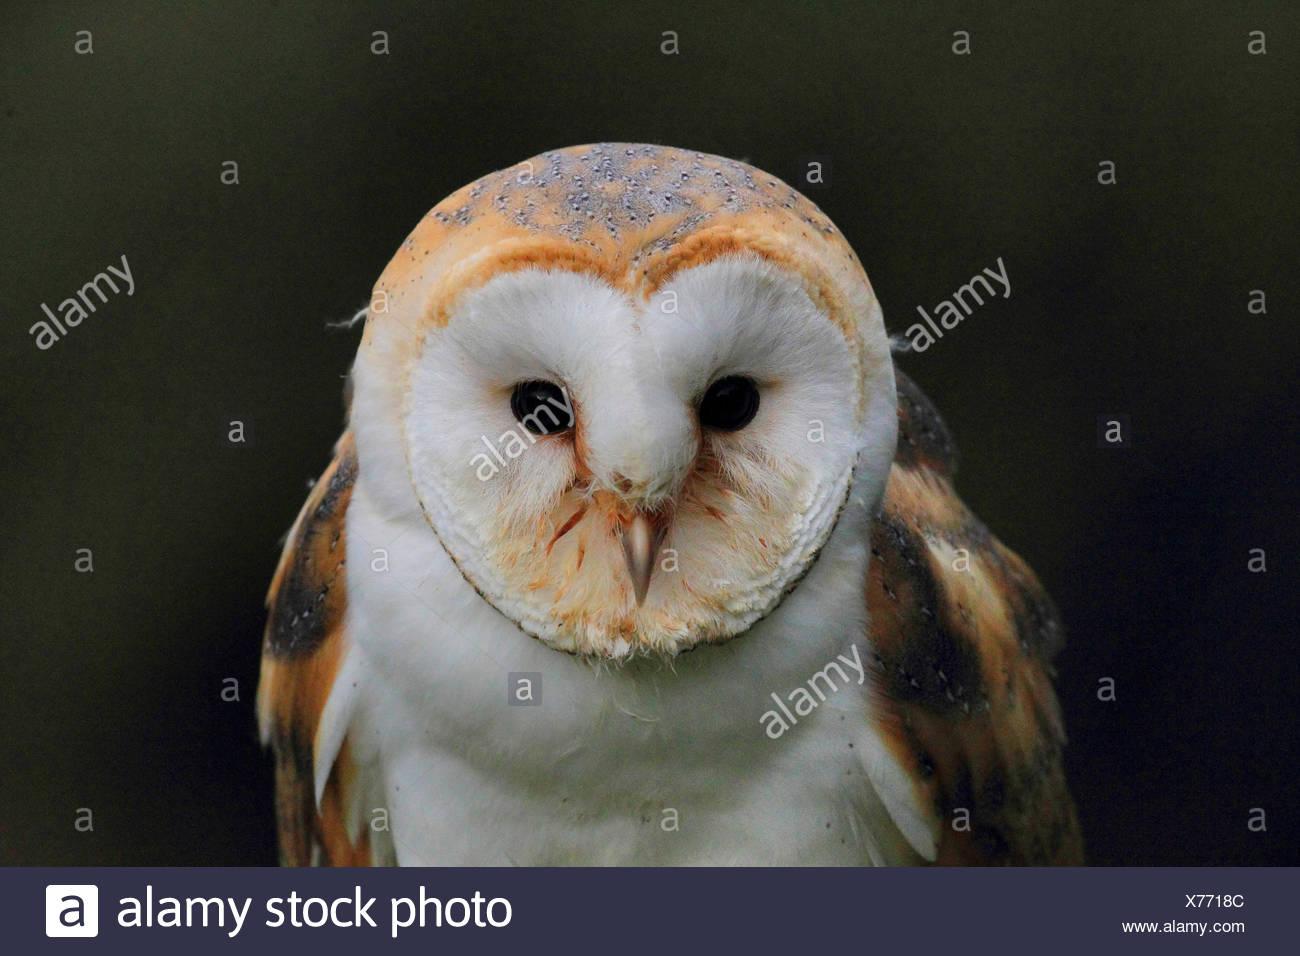 Schleiereule (Tyto Alba), Porträt, Vorderansicht, Deutschland Stockbild